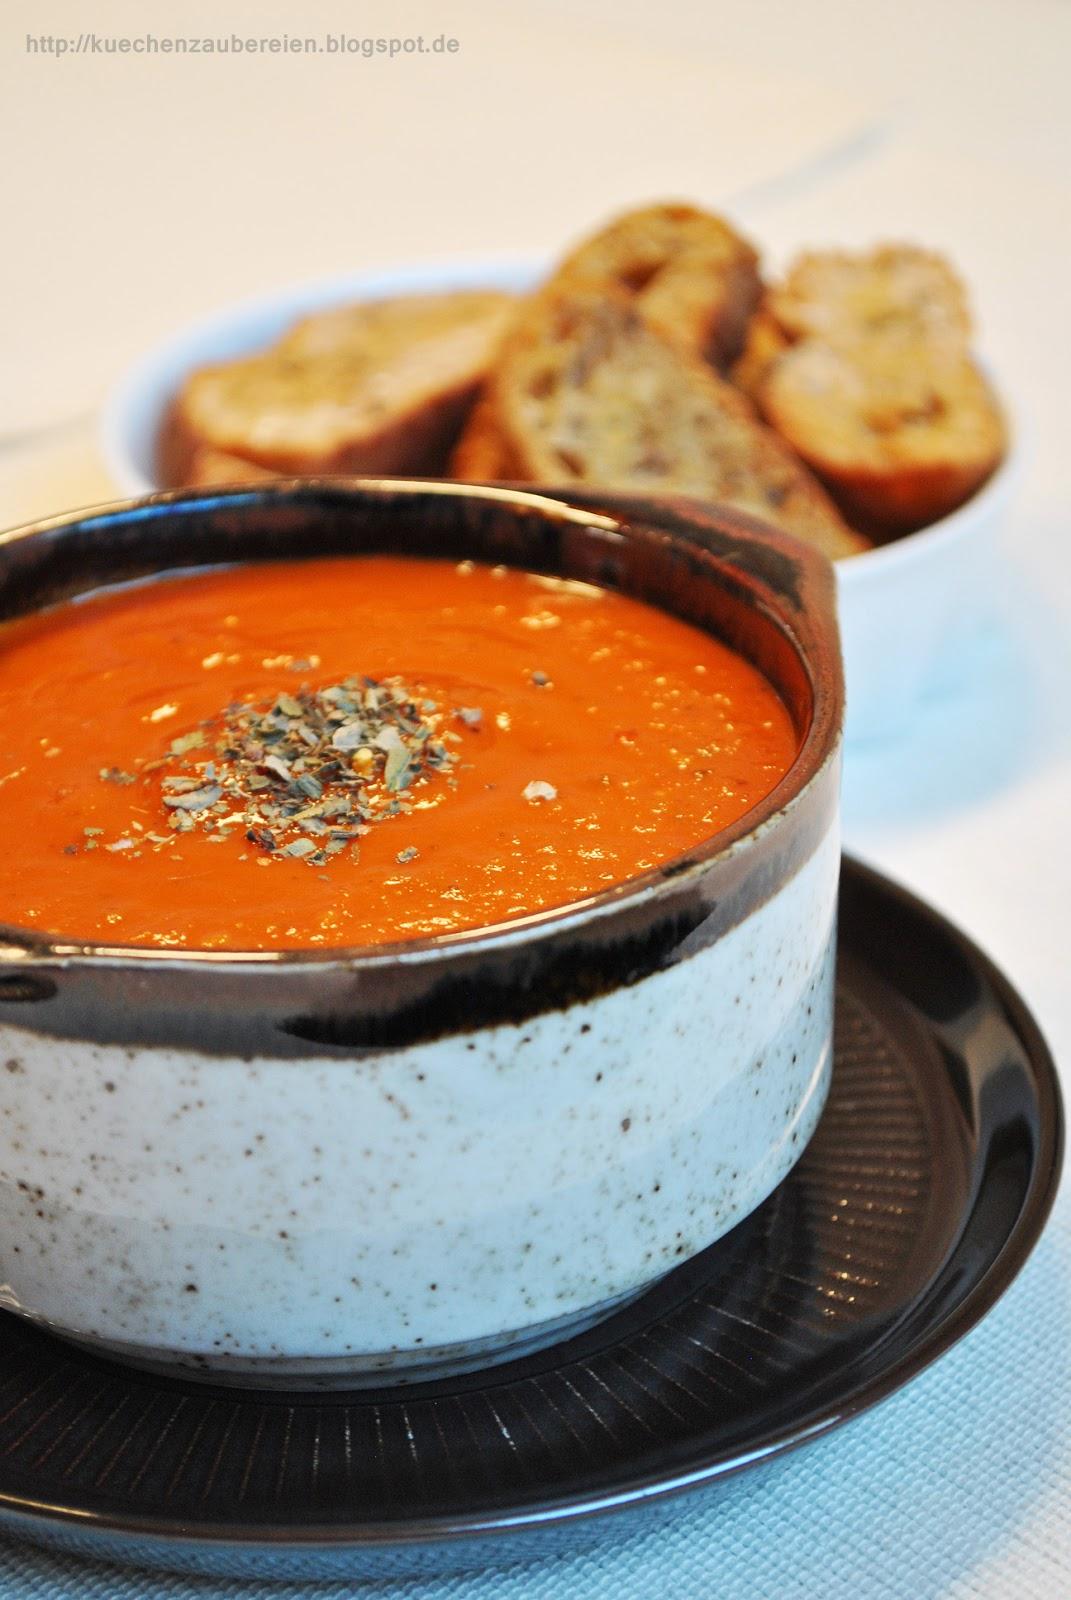 tomatensuppe mit ger steten tomaten und basilikum k chenzaubereien bloglovin. Black Bedroom Furniture Sets. Home Design Ideas